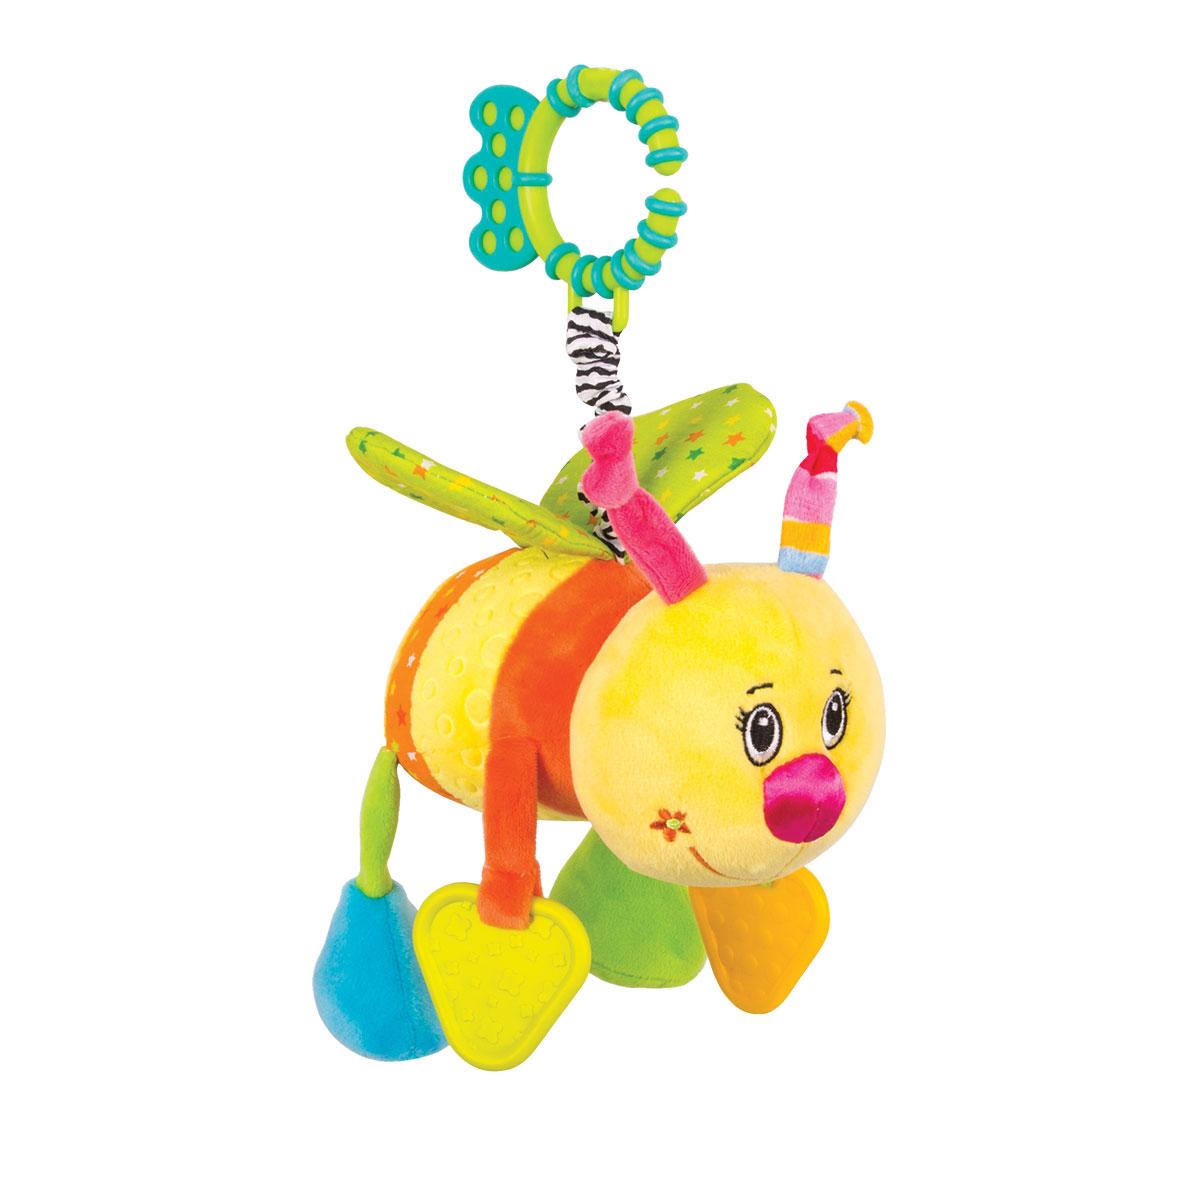 Happy Snail Игрушка-подвеска Пчелка Жу-жу arteast подвеска пчелка